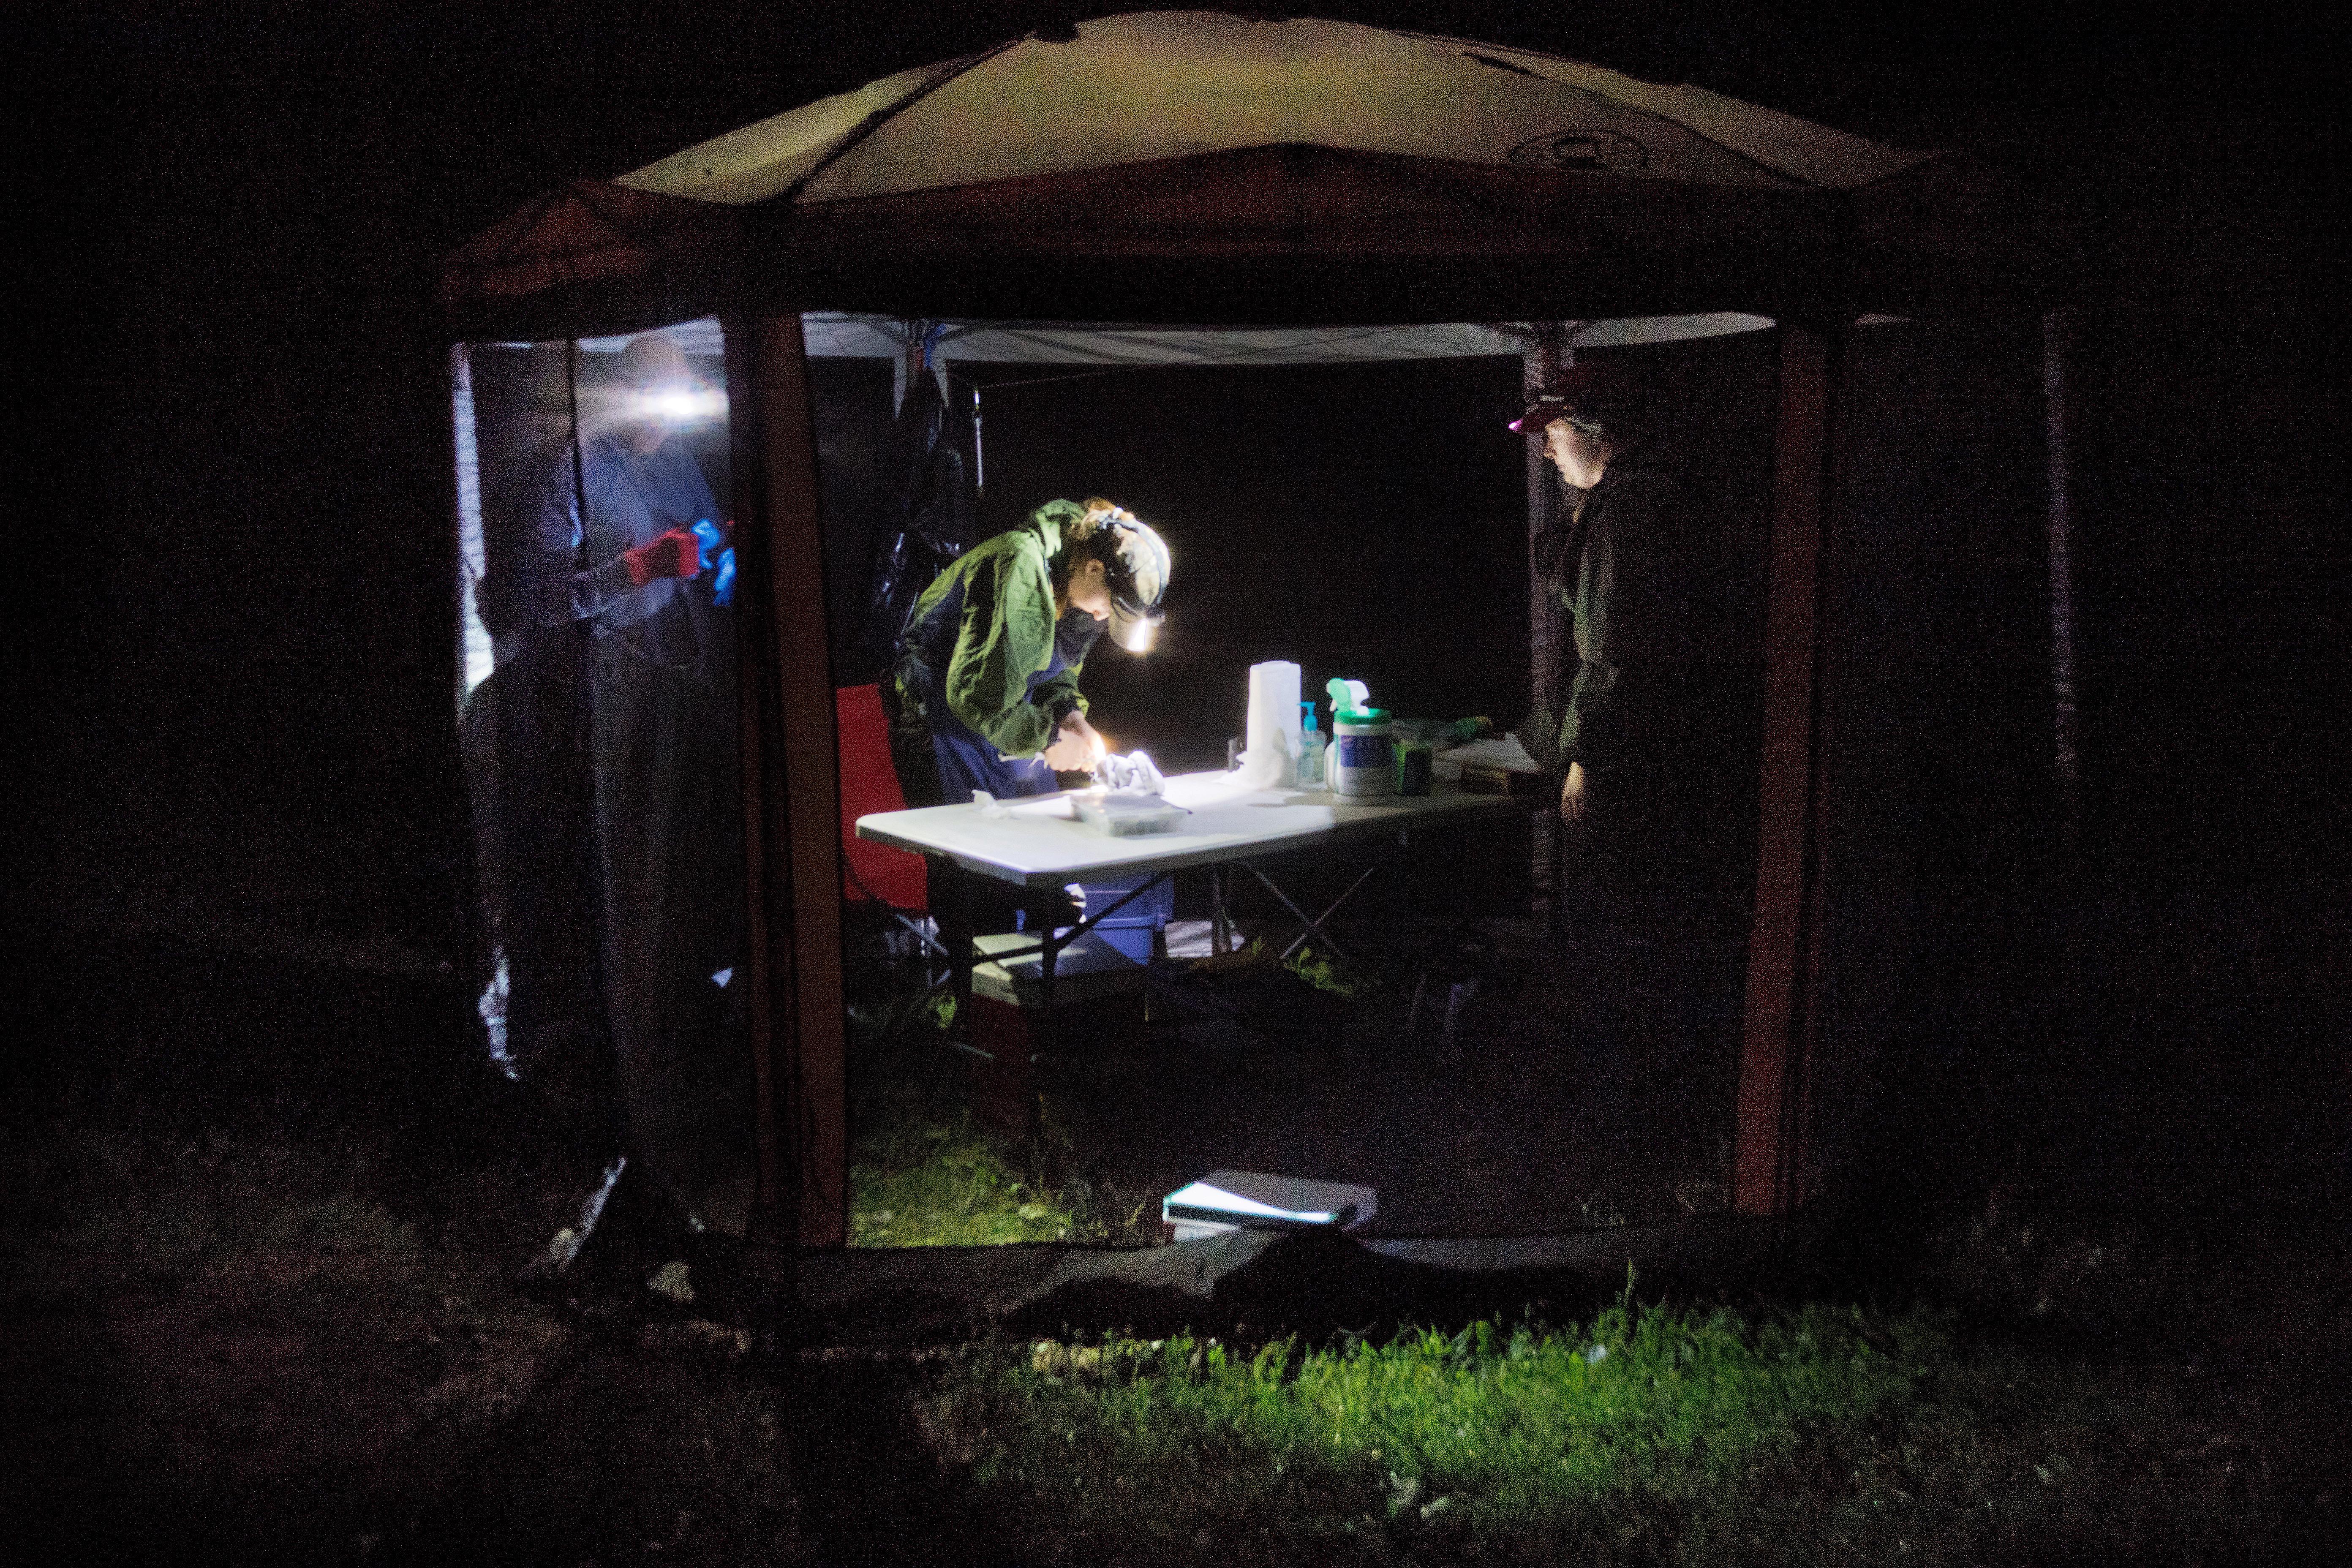 Exterior of NRRI bat researchers' tent at night